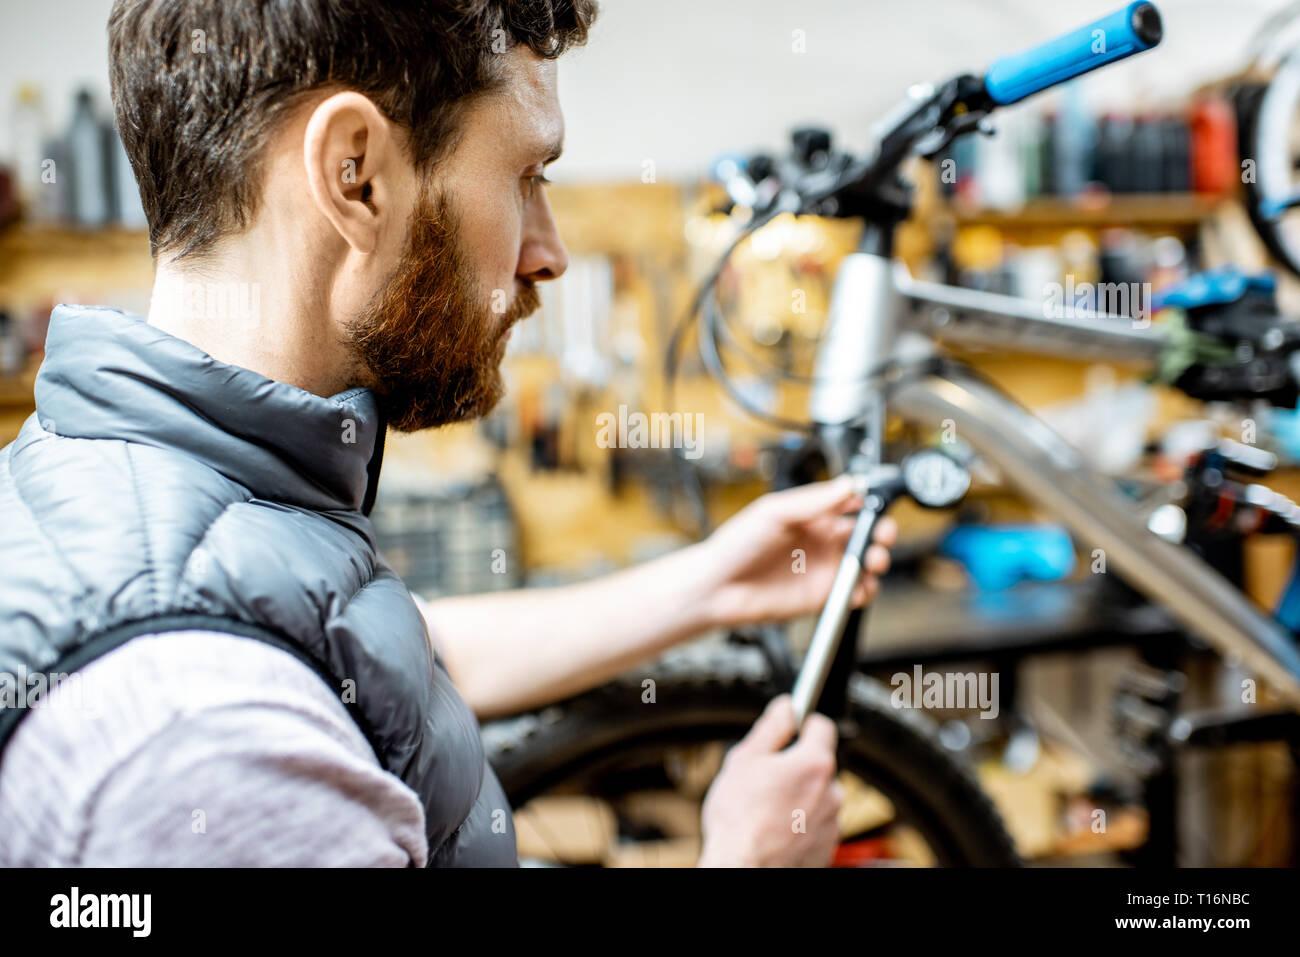 Réparateur au service d'une location, la vérification d'une pression de l'air dans l'amortisseur pneumatique d'une fourchette dans l'atelier Banque D'Images